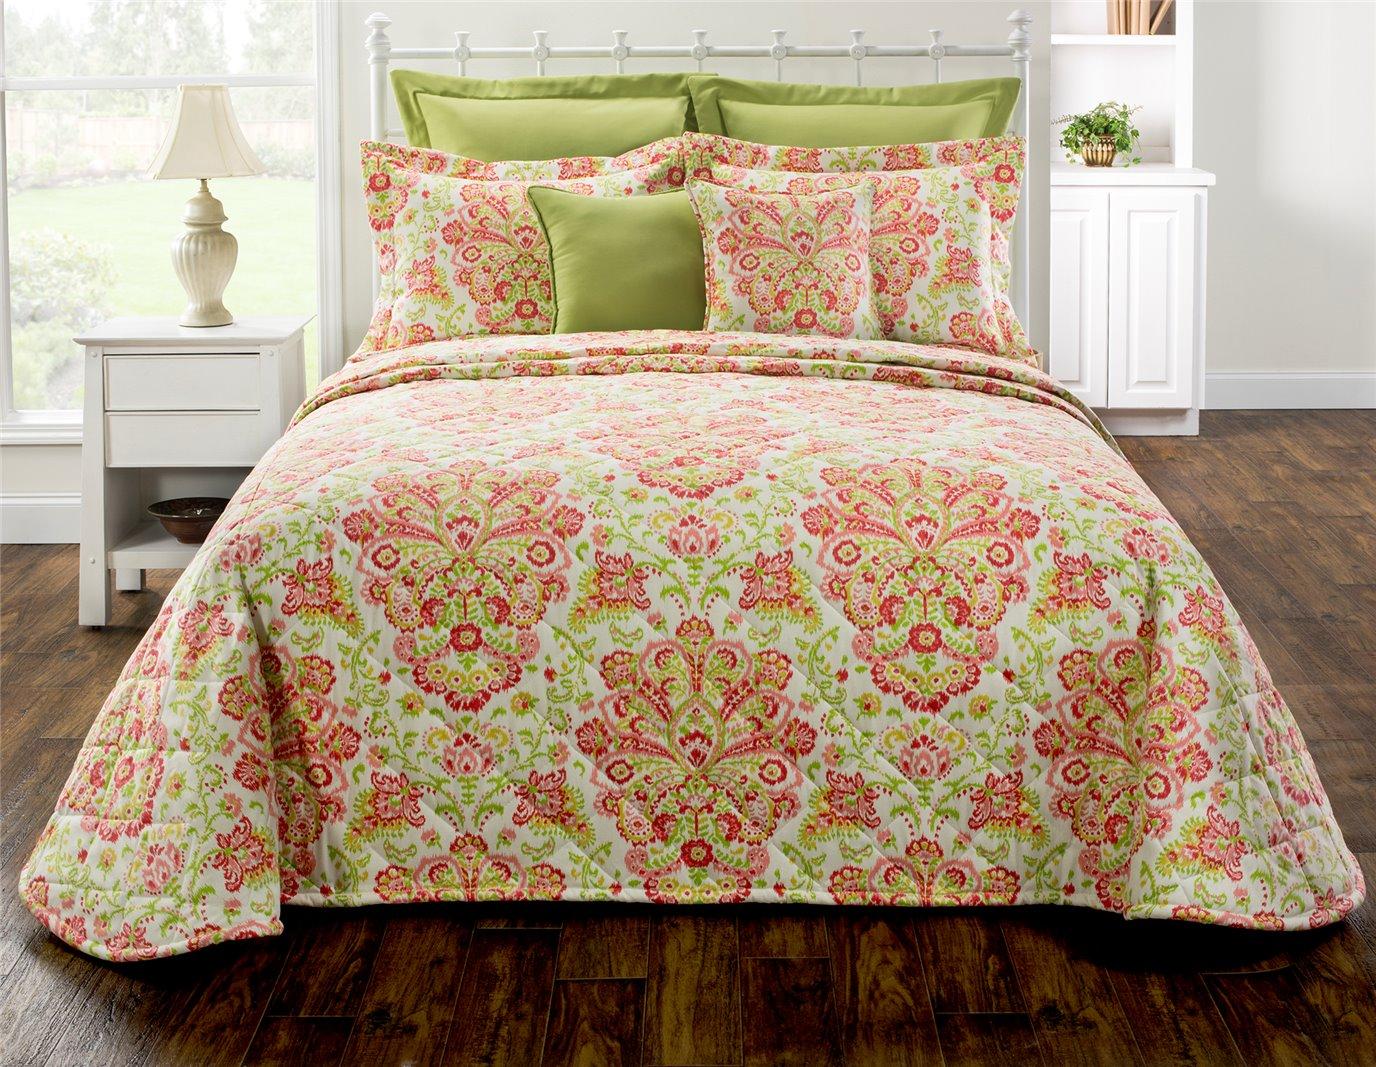 Provence Poppy Twin Bedspread